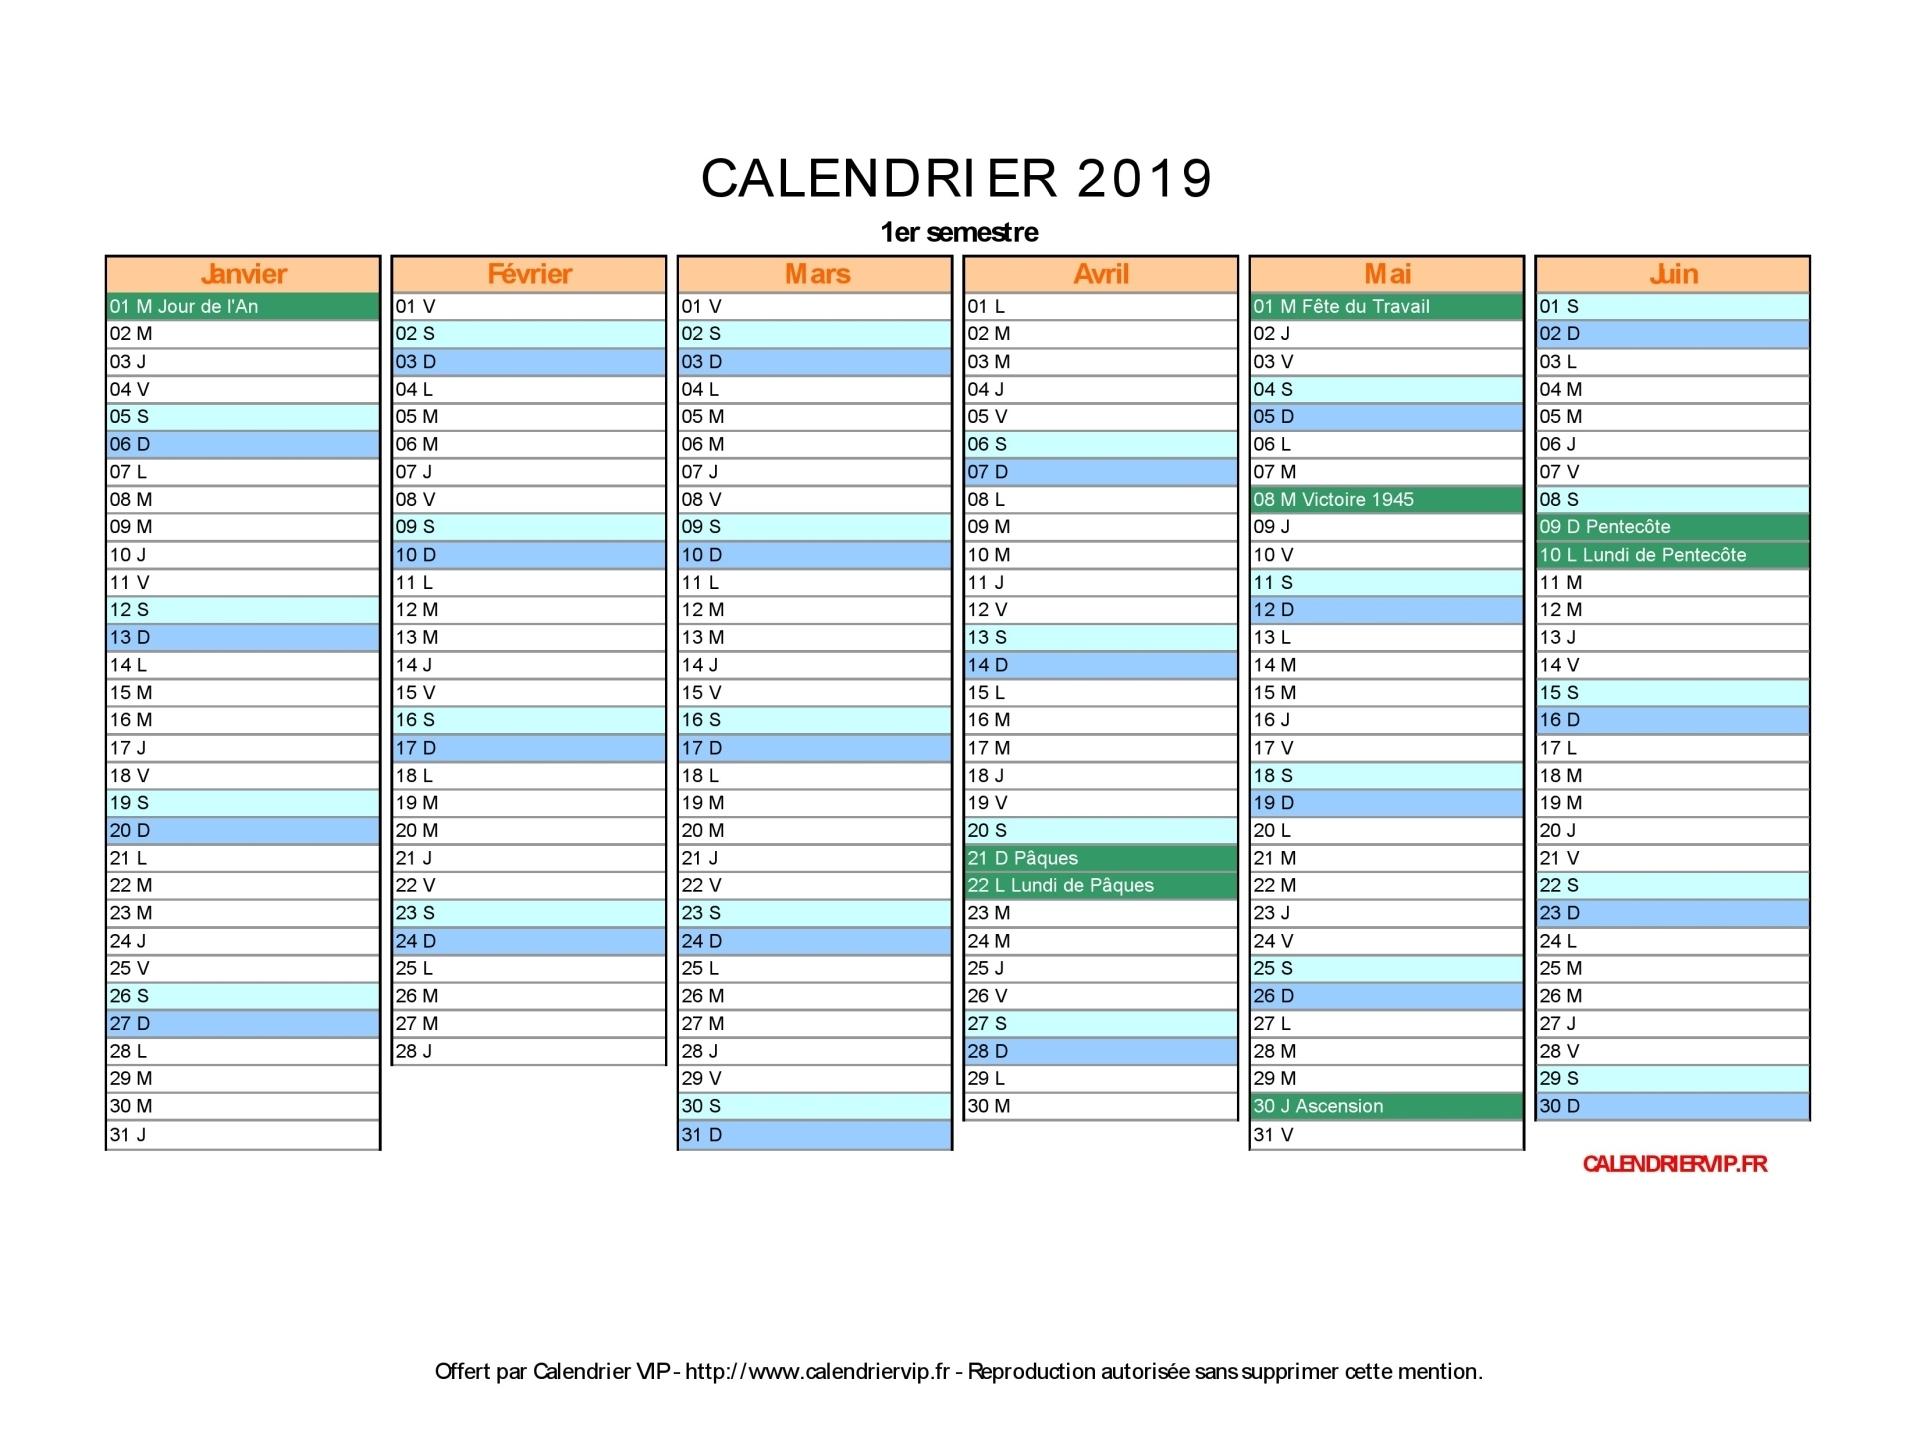 Calendrier 2019 À Imprimer Gratuit En Pdf Et Excel serapportantà Calendrier Annuel 2019 À Imprimer Gratuit